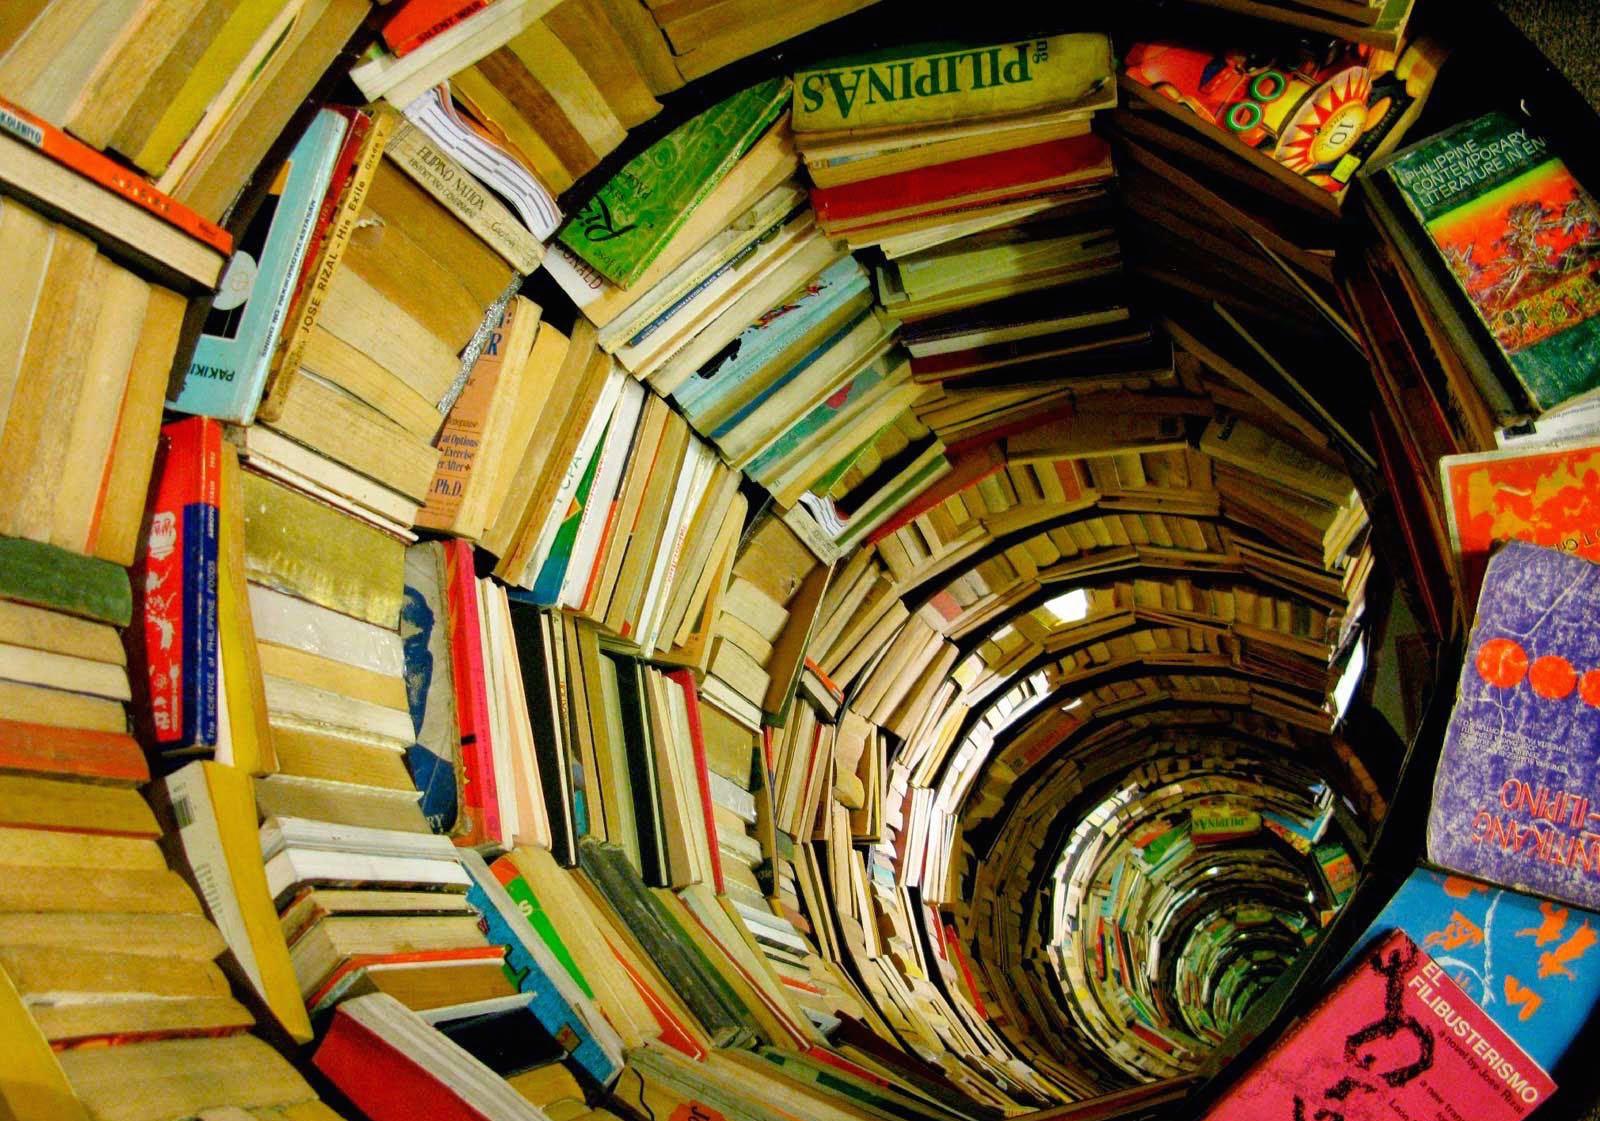 Editora da UFRN lançará três livros nesta quarta com seleção de autores locais